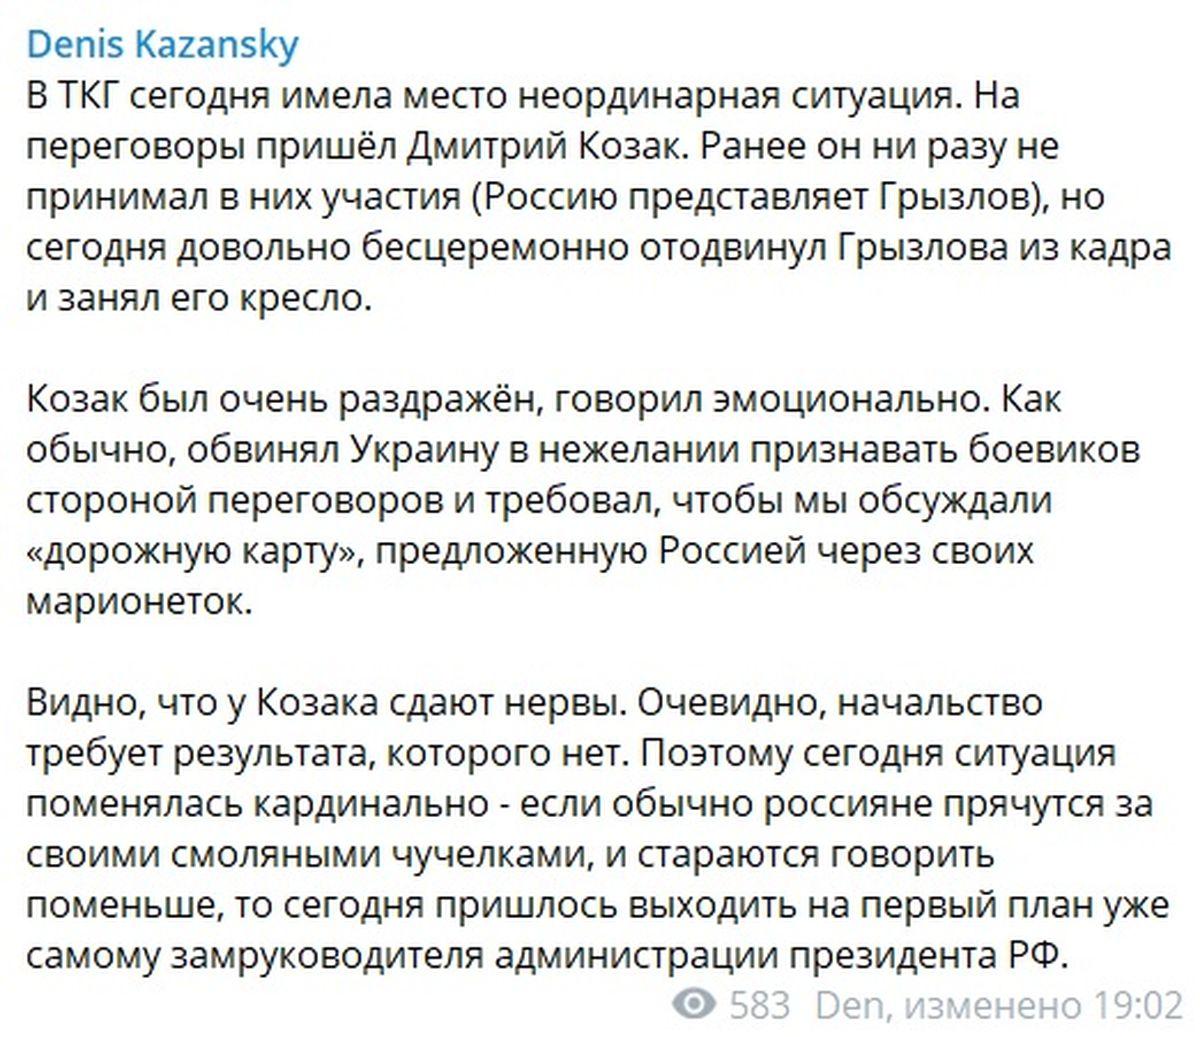 На перемовини ТКГ щодо Донбасу вперше прийшов Козак: що відомо